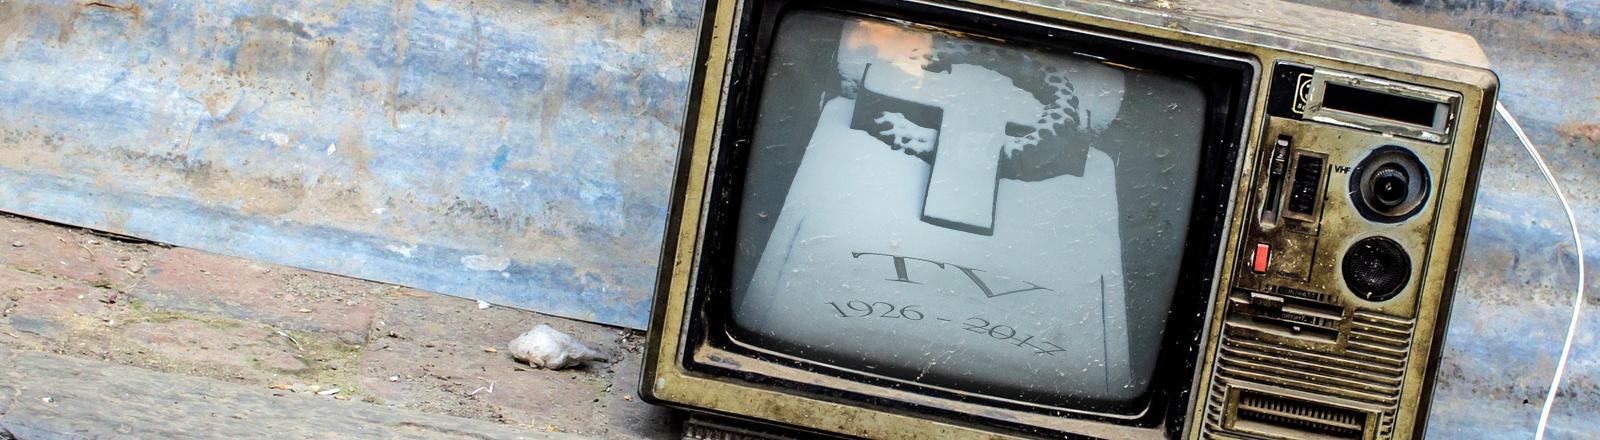 Ein Fernseher mit Grabstein im Bild.